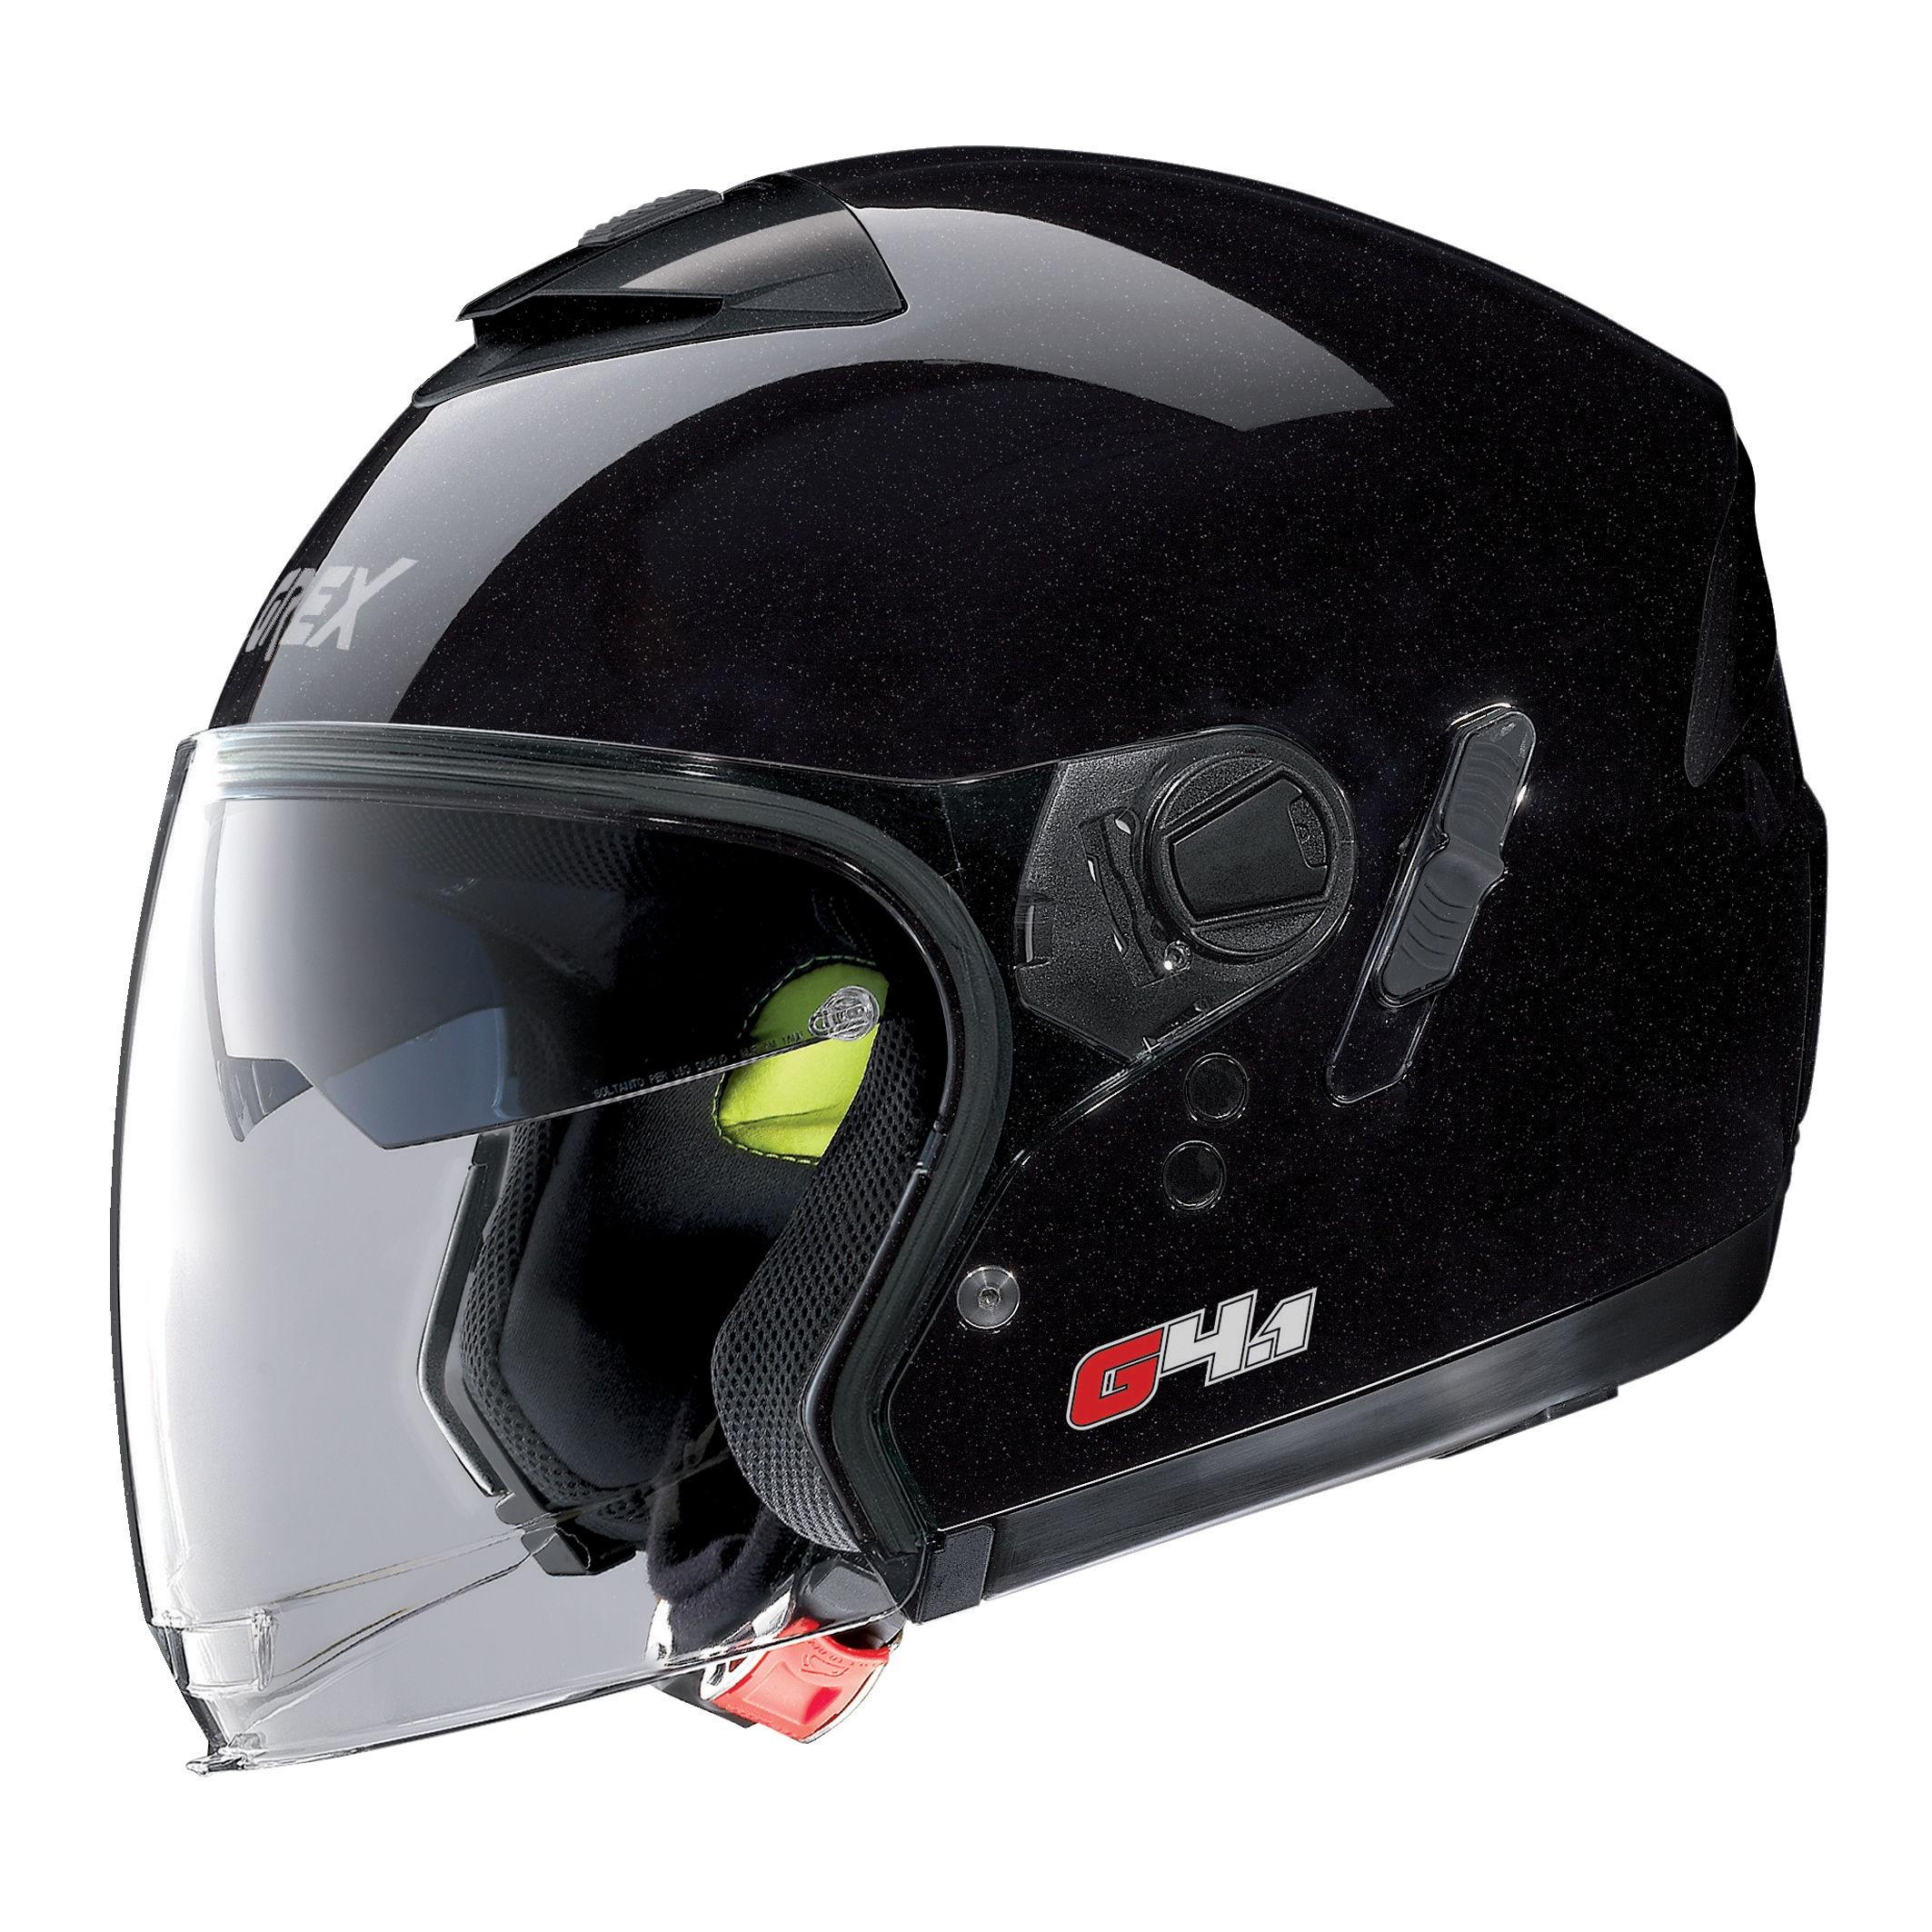 Moto helma Grex G4.1 Kinetic Metal Black 1